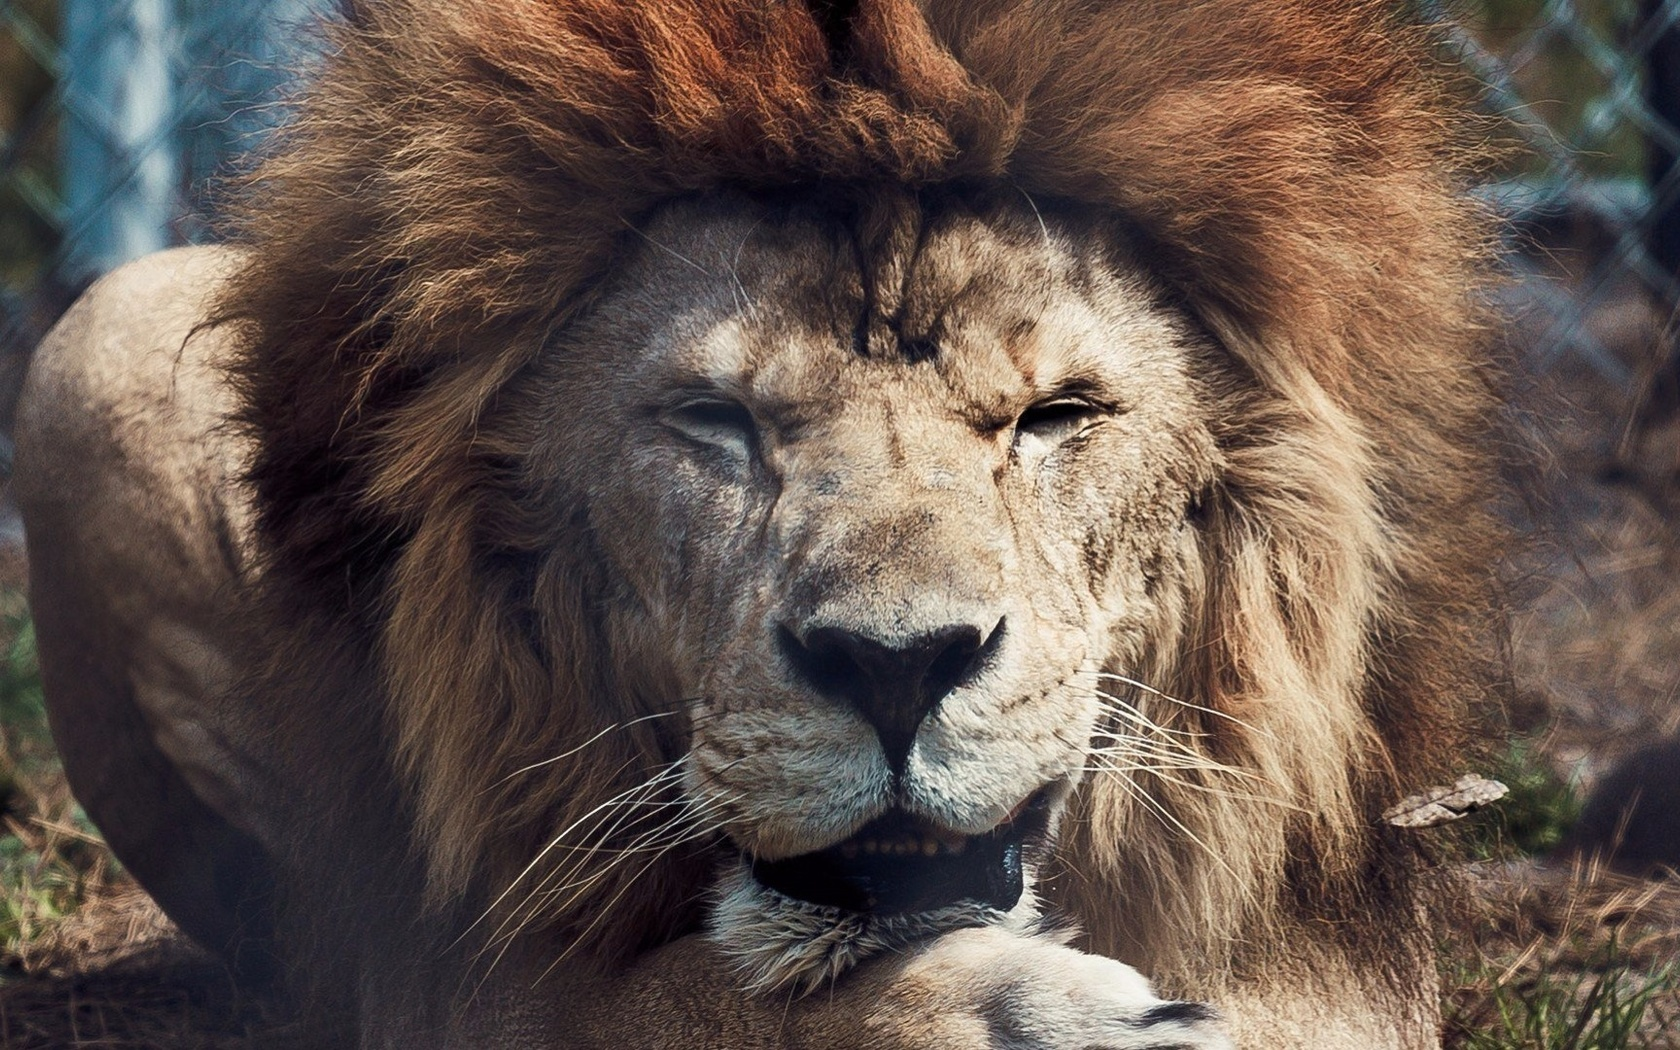 Картинки львов на рабочий стол, открытки гифки прикольные